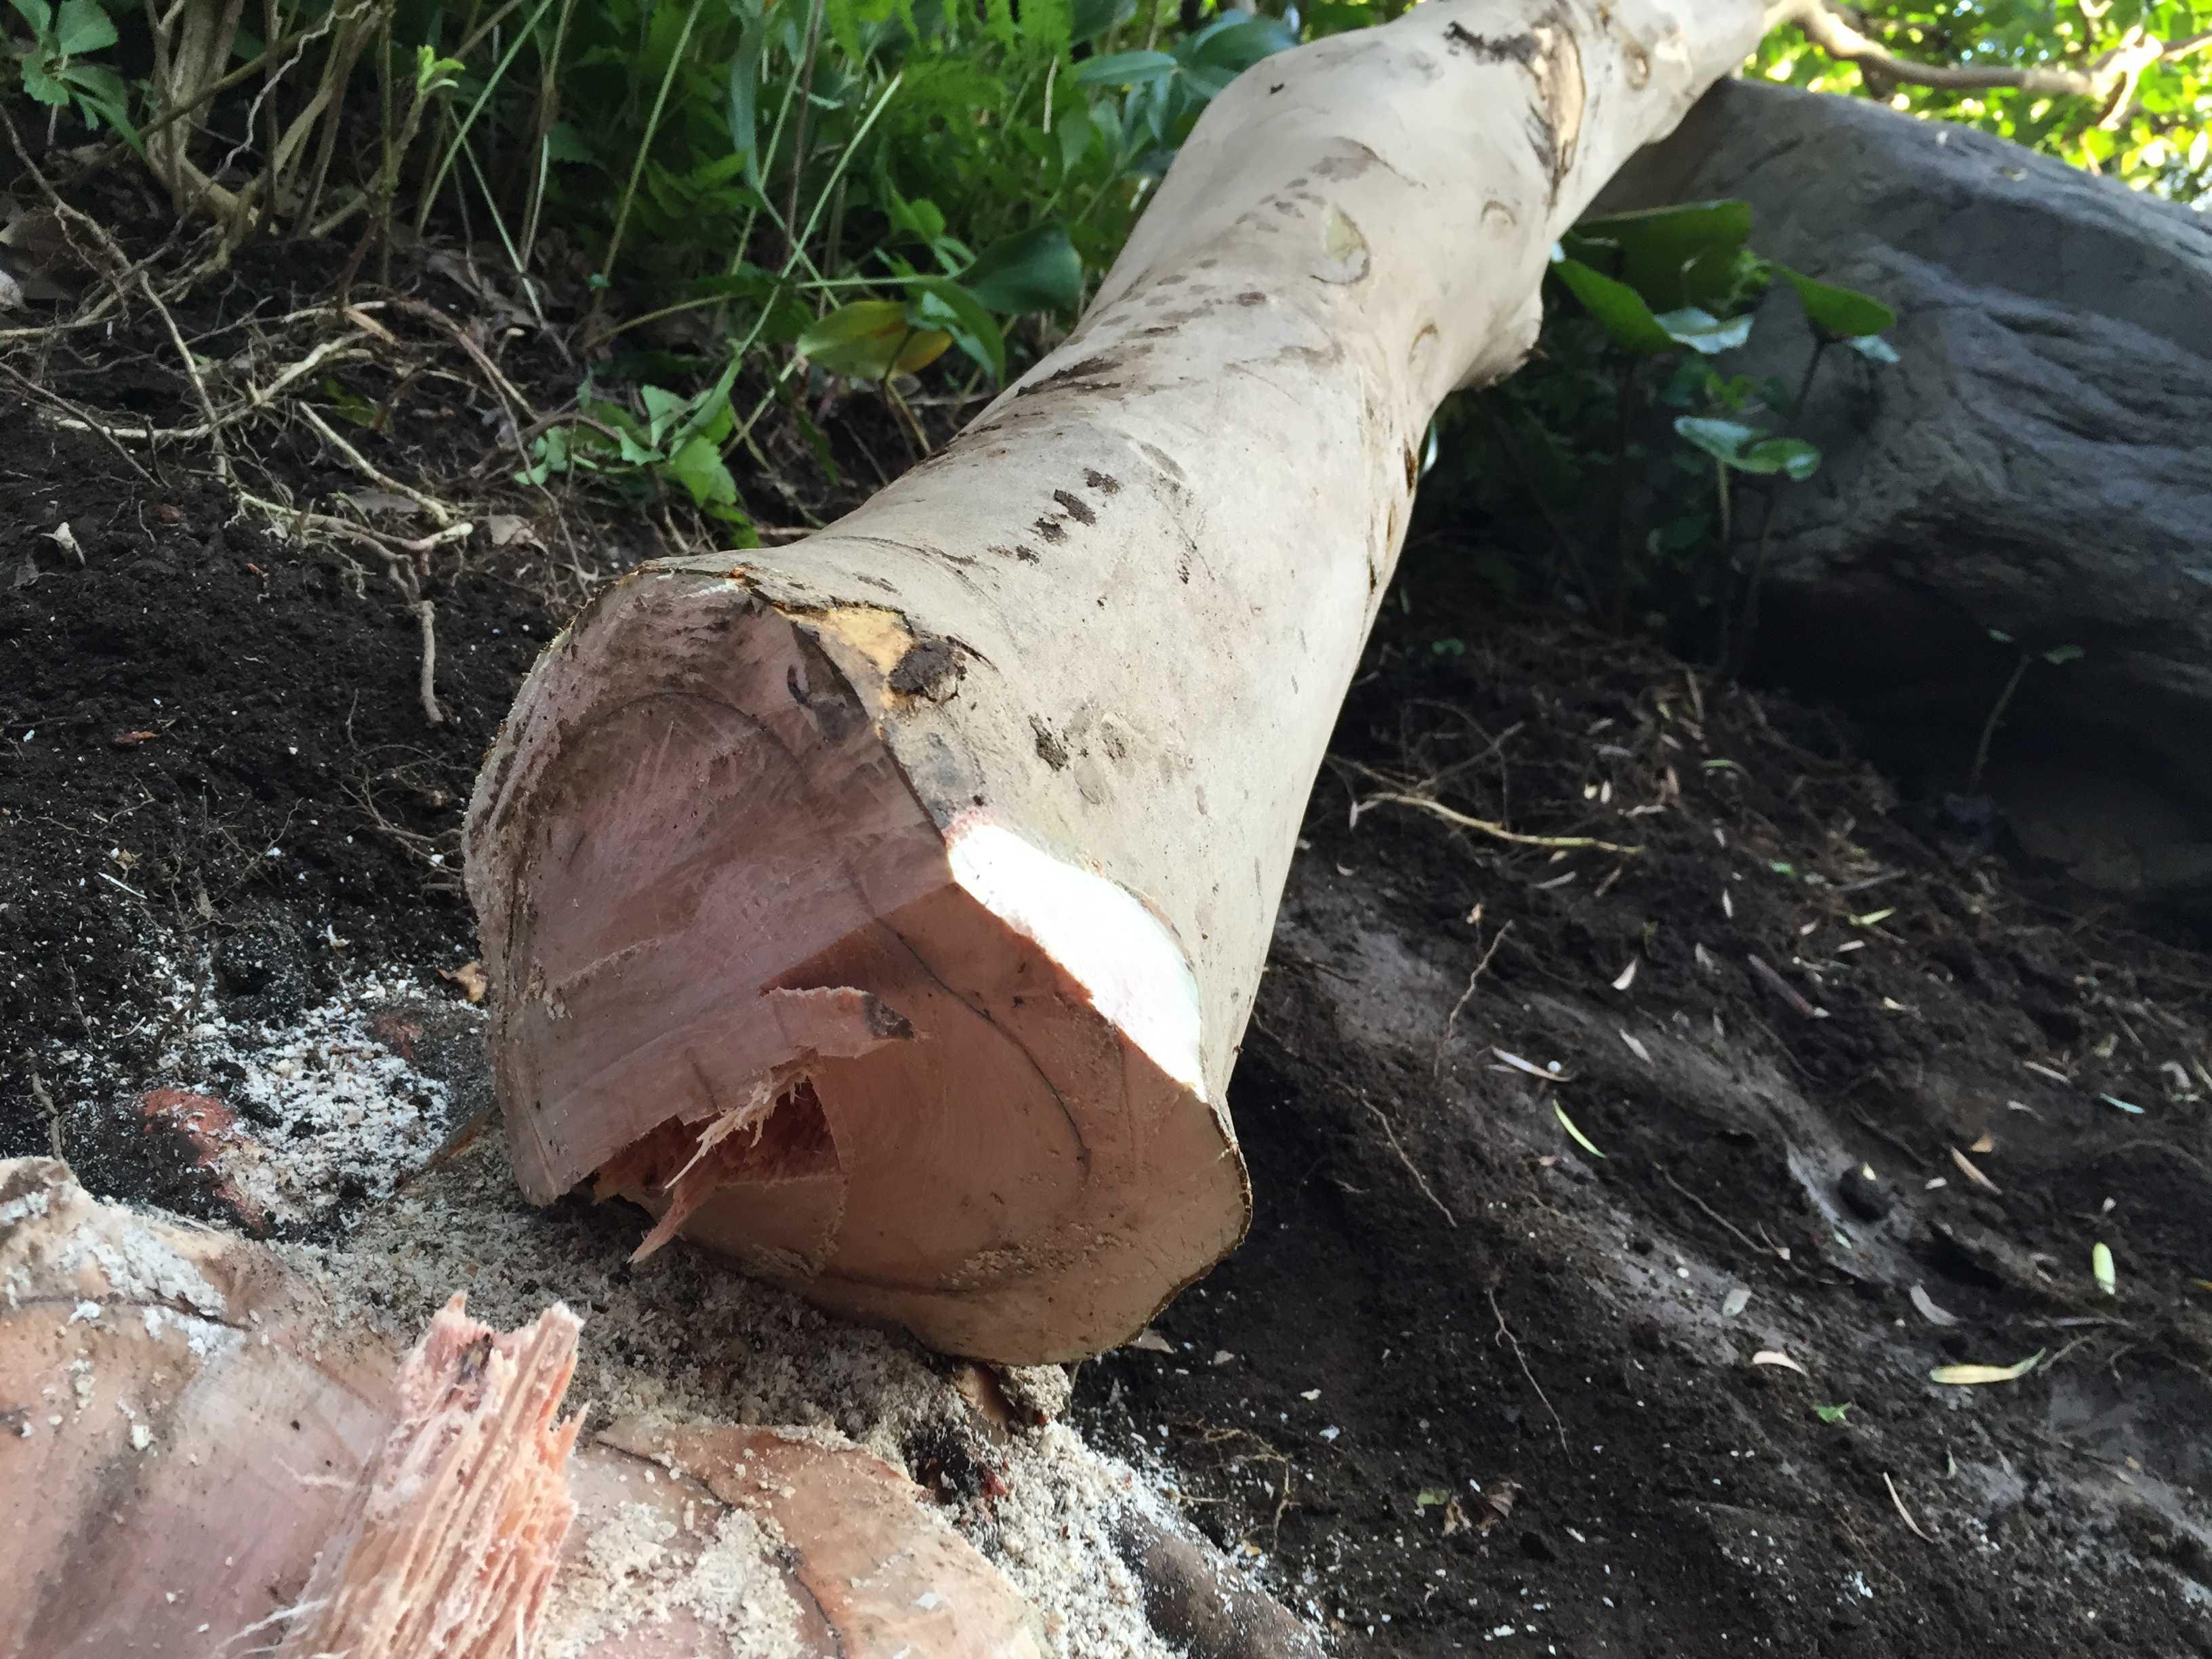 倒した椿(ツバキ)の木